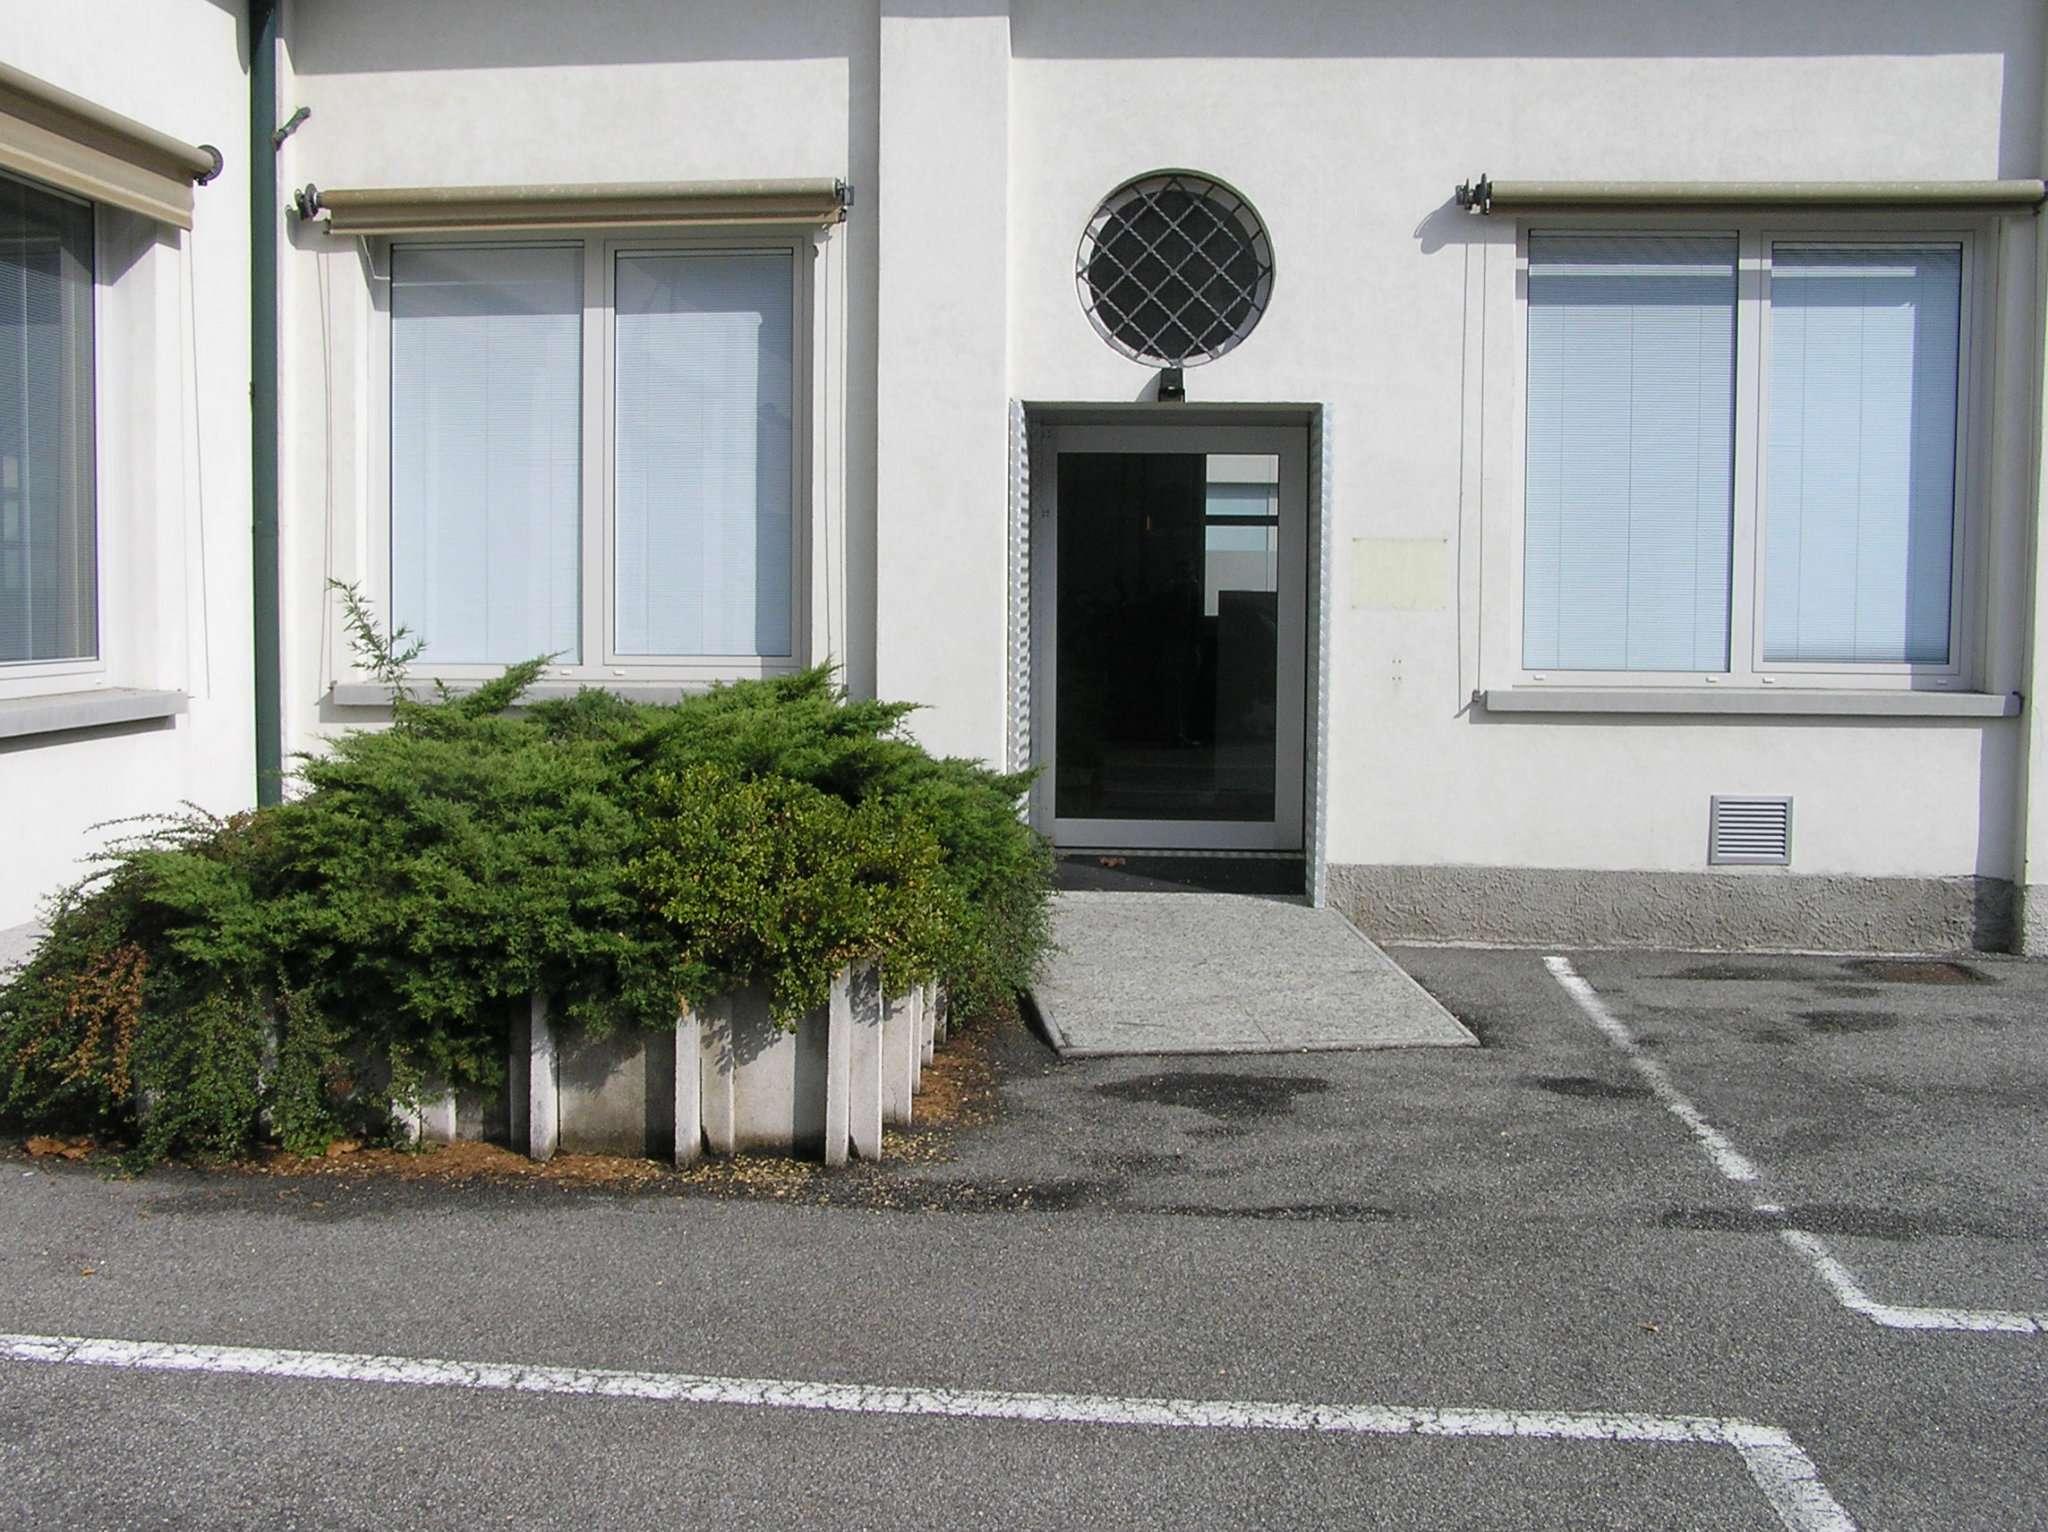 Immobile Commerciale in vendita a Fino Mornasco, 20 locali, prezzo € 1.700.000 | Cambio Casa.it